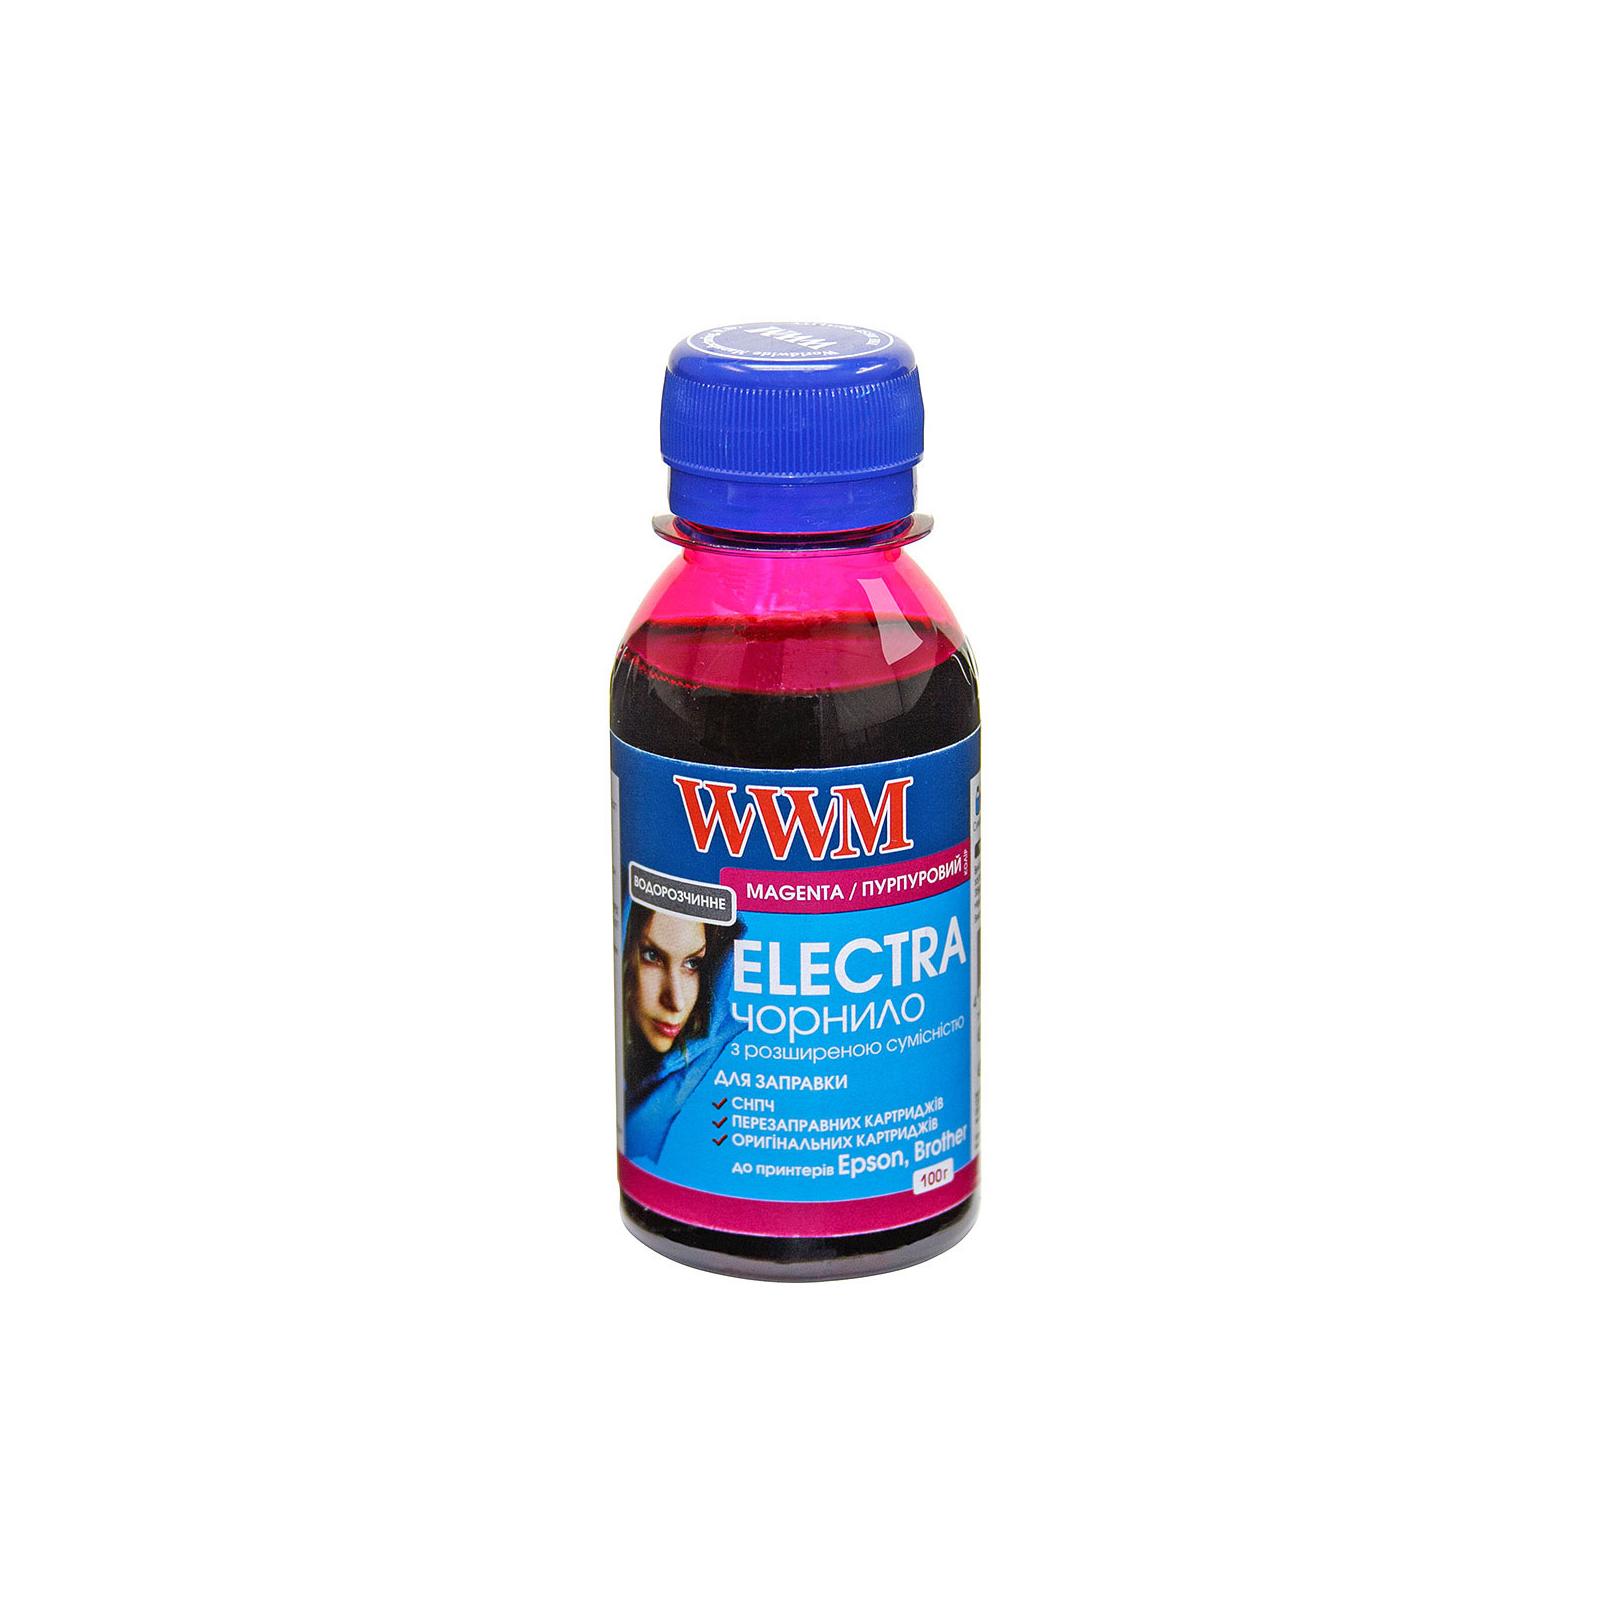 Чернила WWM EPSON UNIVERSAL ELECTRA 100ml Magenta (EU/M-2)